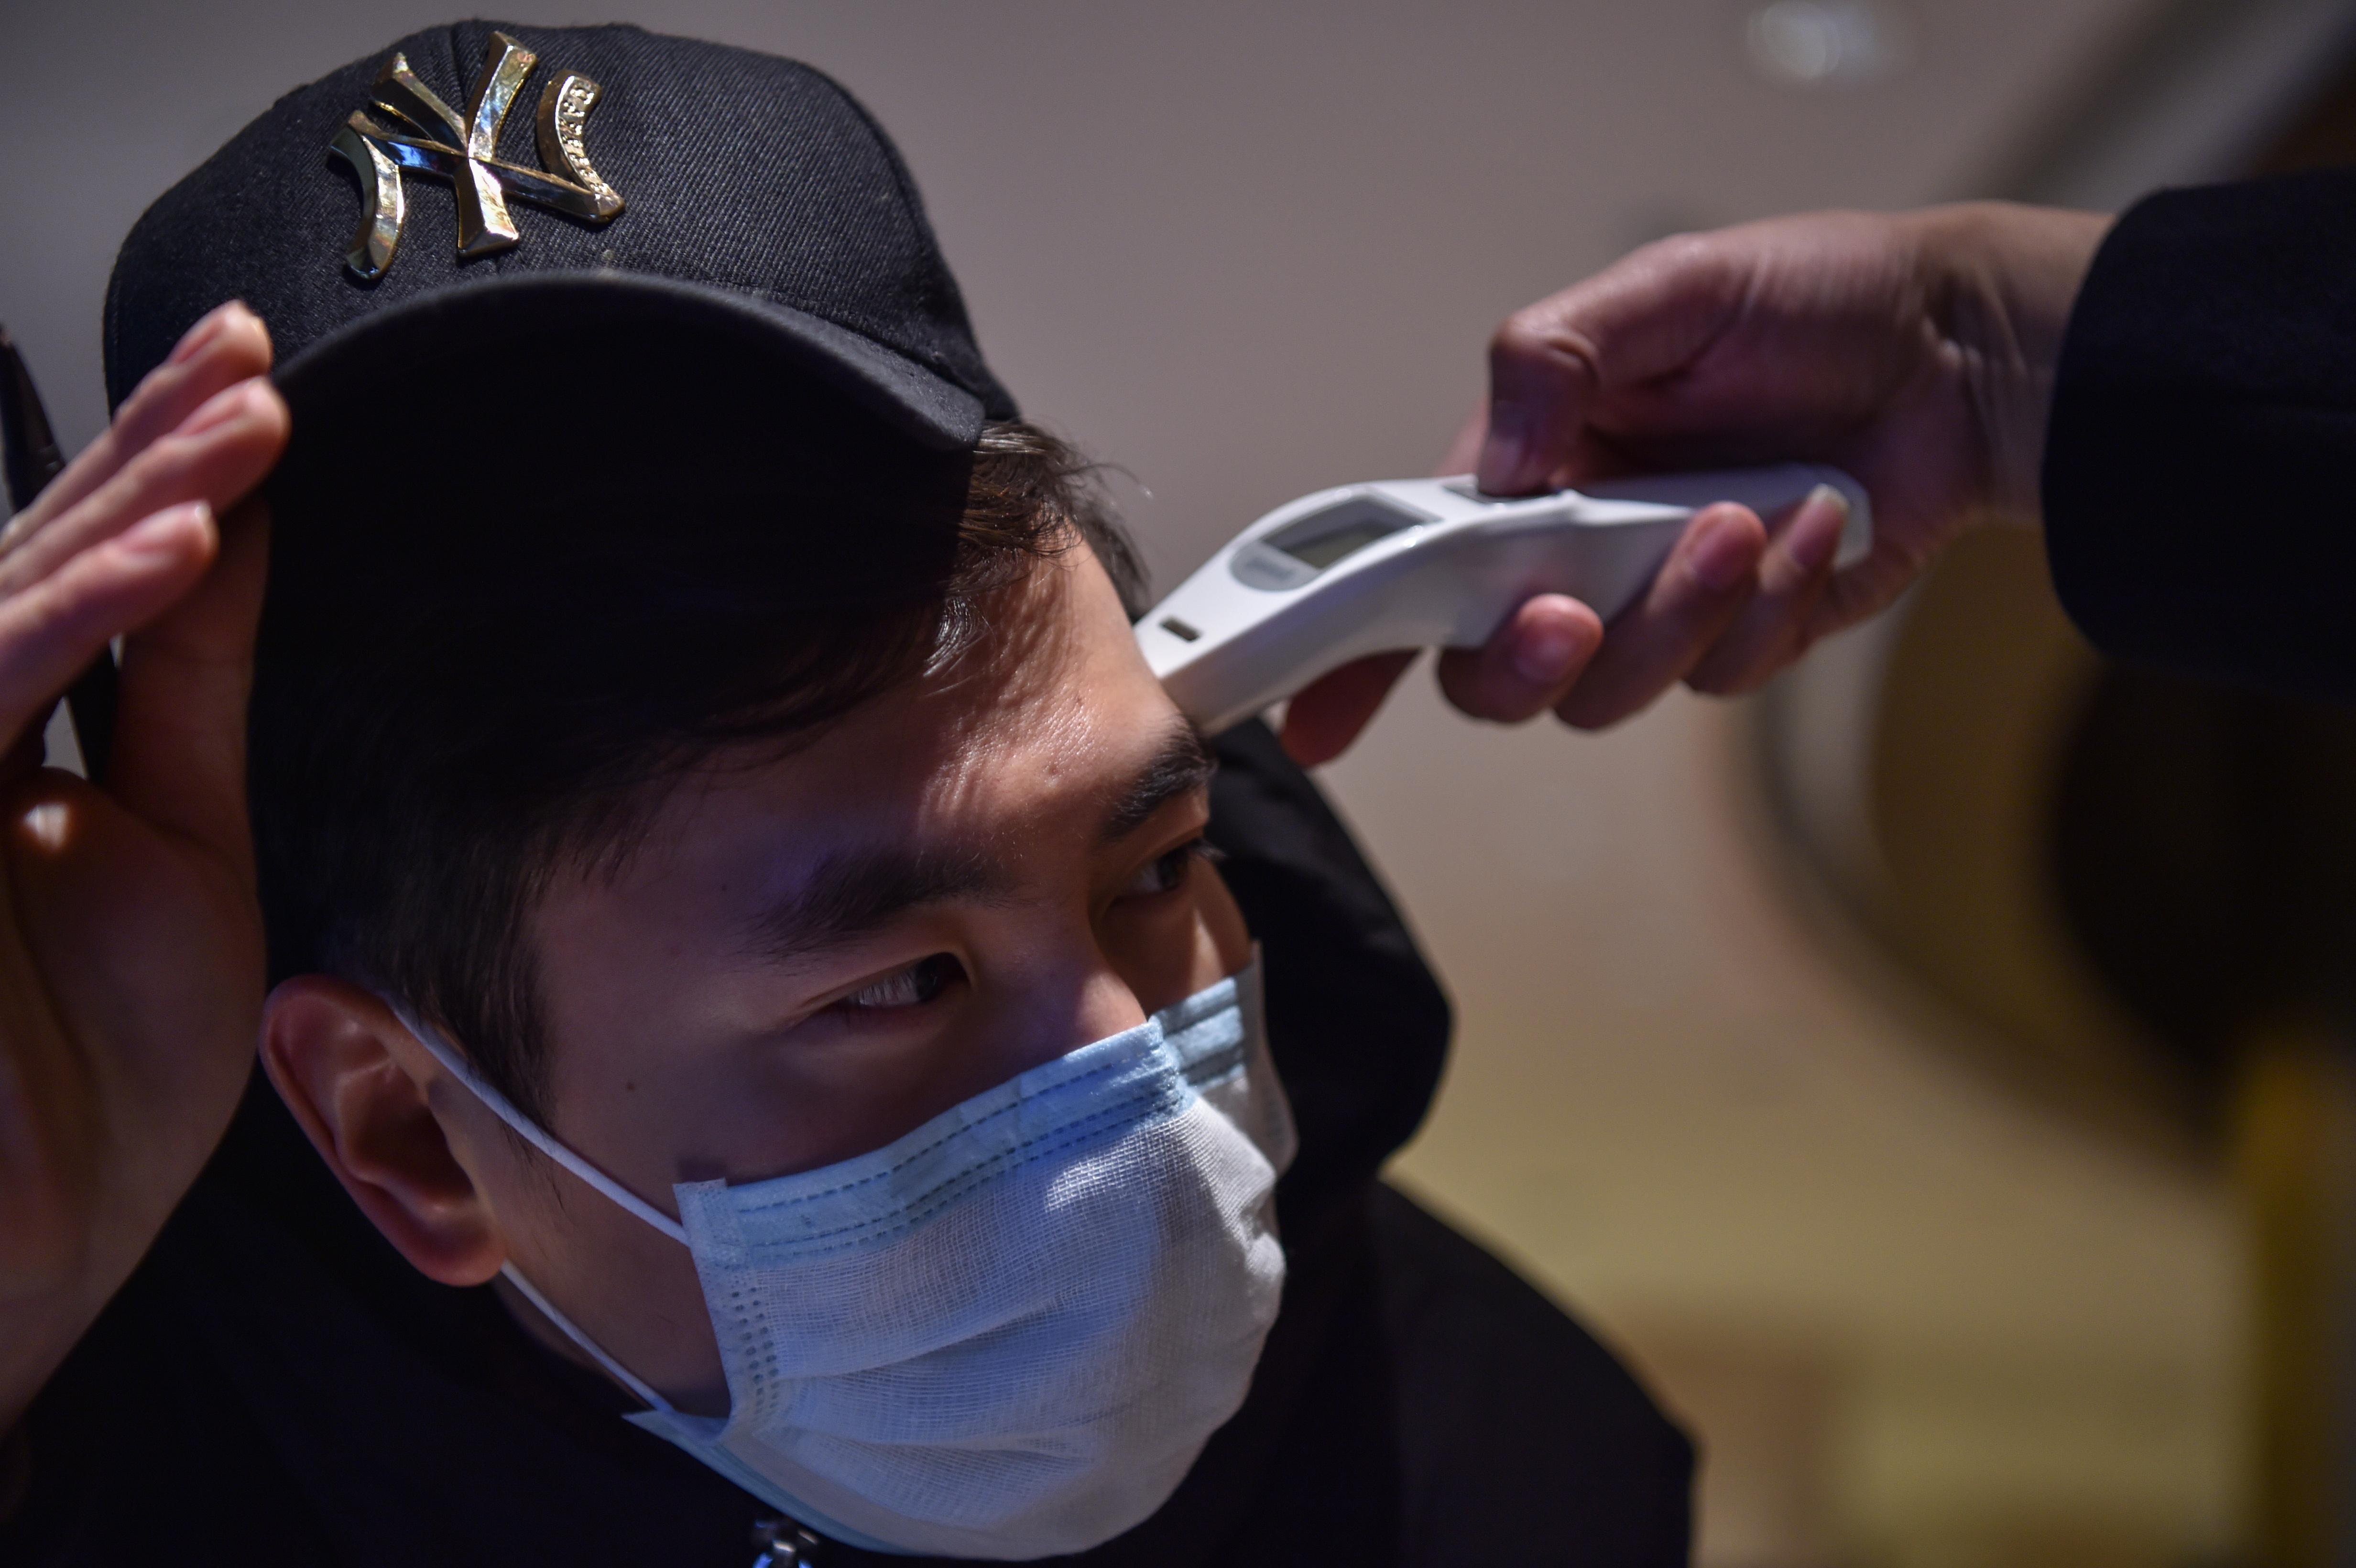 Ausztrália nemzetközi vizsgálatot sürget, hogy kiderüljön, honnan ered a koronavírus